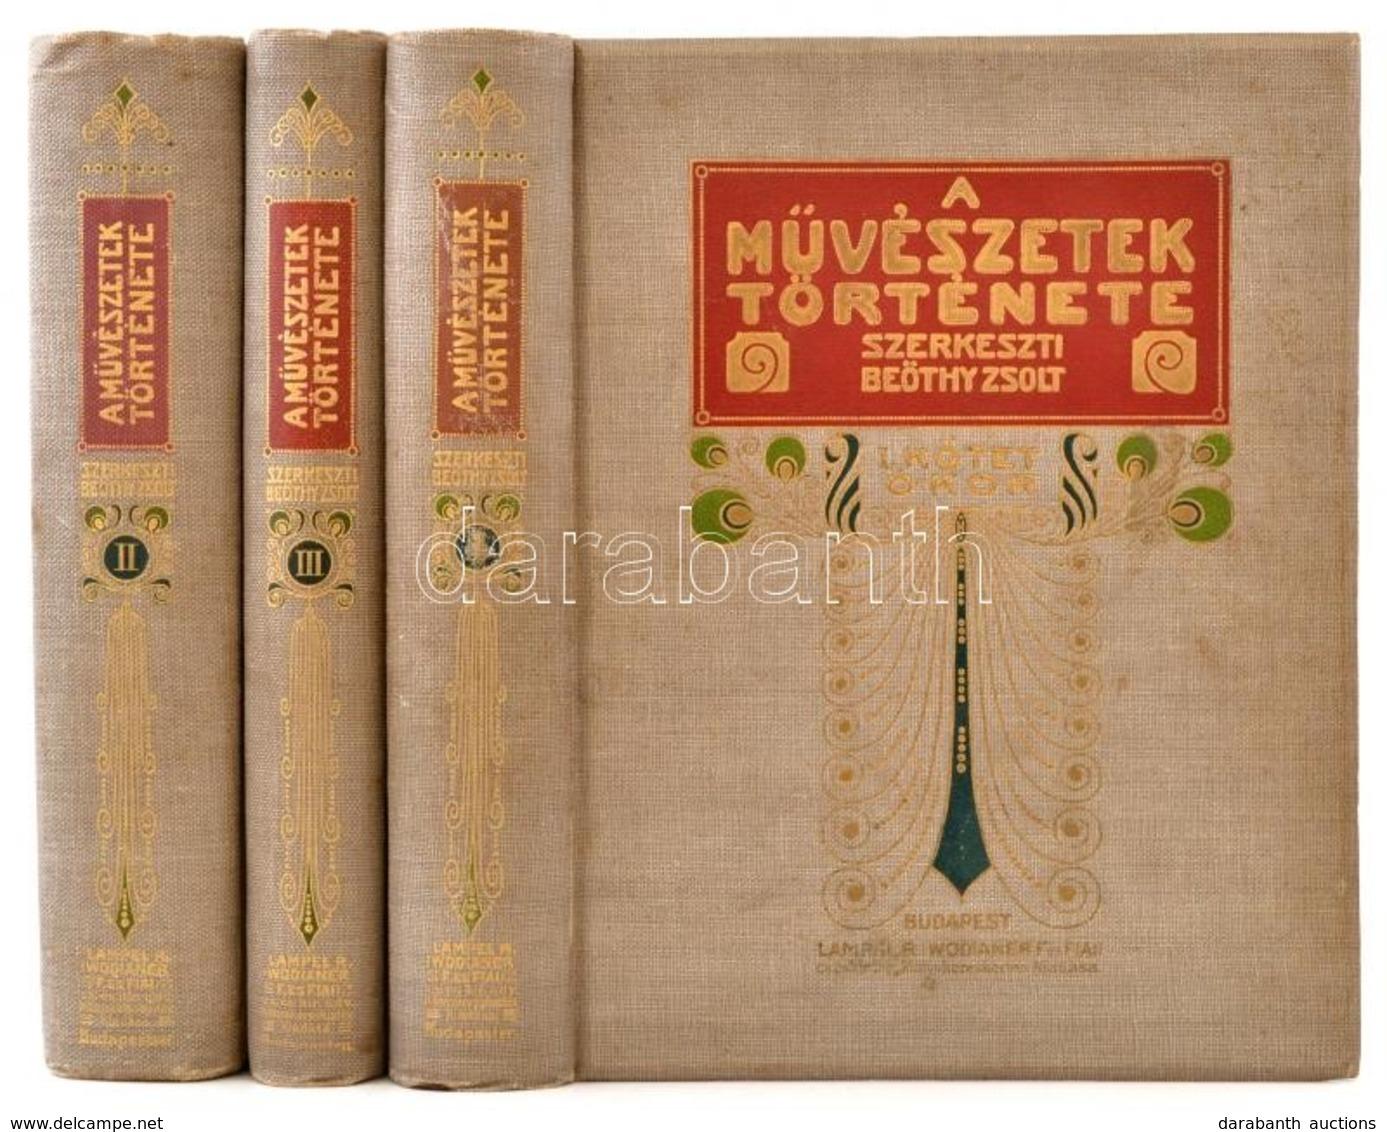 'Berlin' címkével ellátott könyvek a rukkolán